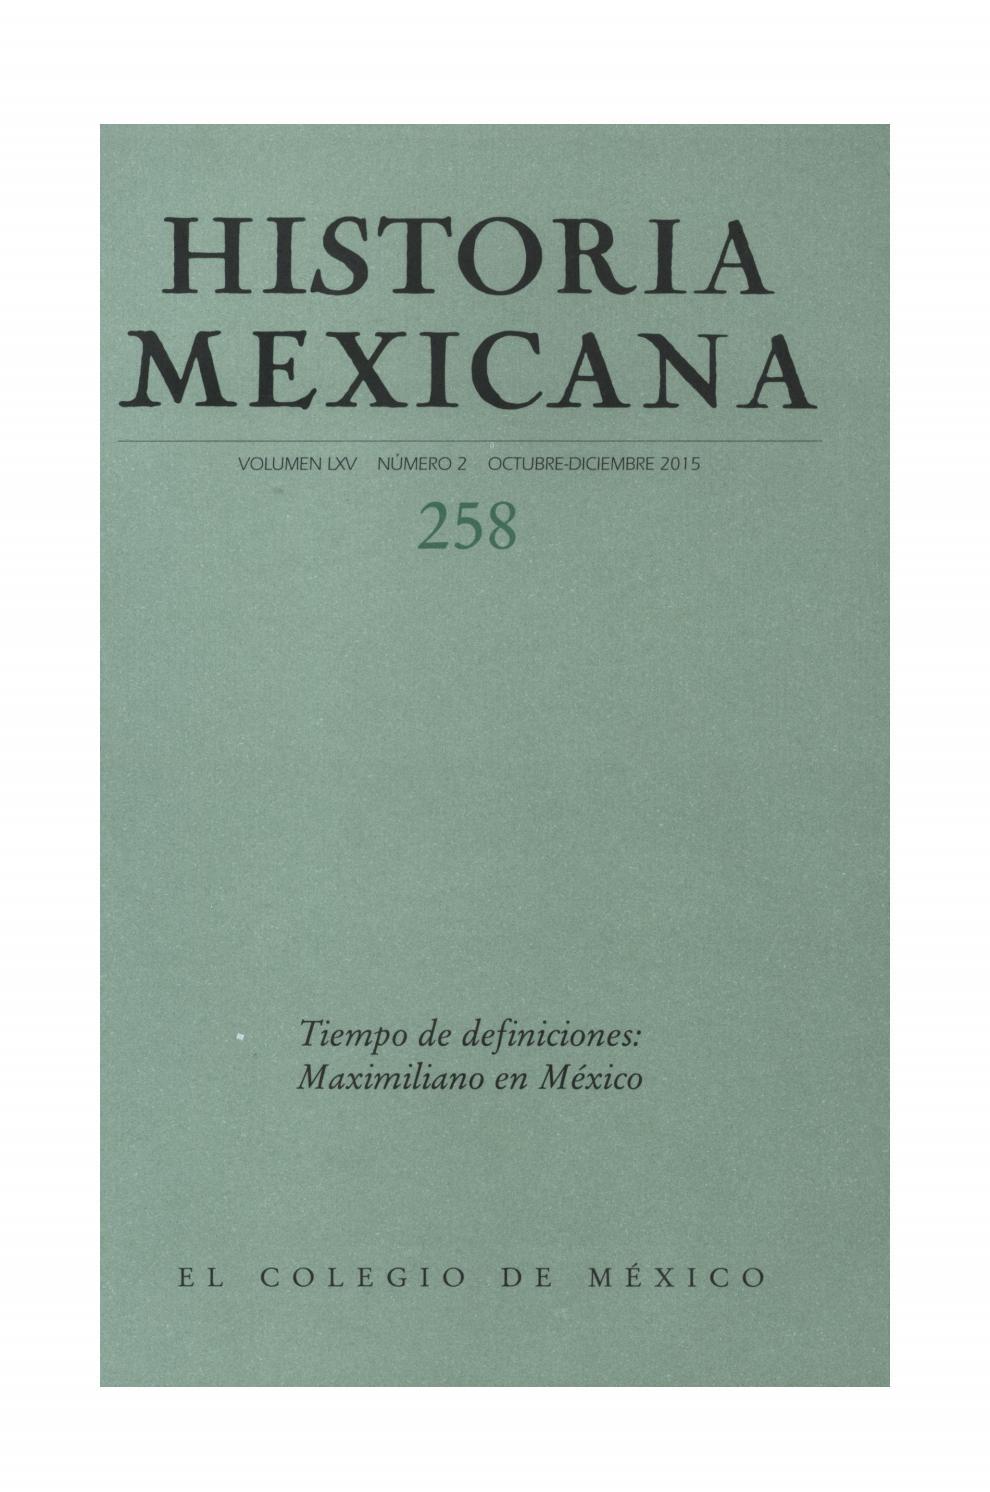 51d94979f7a Historia mexicana 258 volumen 65 número 2 tiempo de definiciones  maximiliano en méxico by Ce Ocelotl - issuu